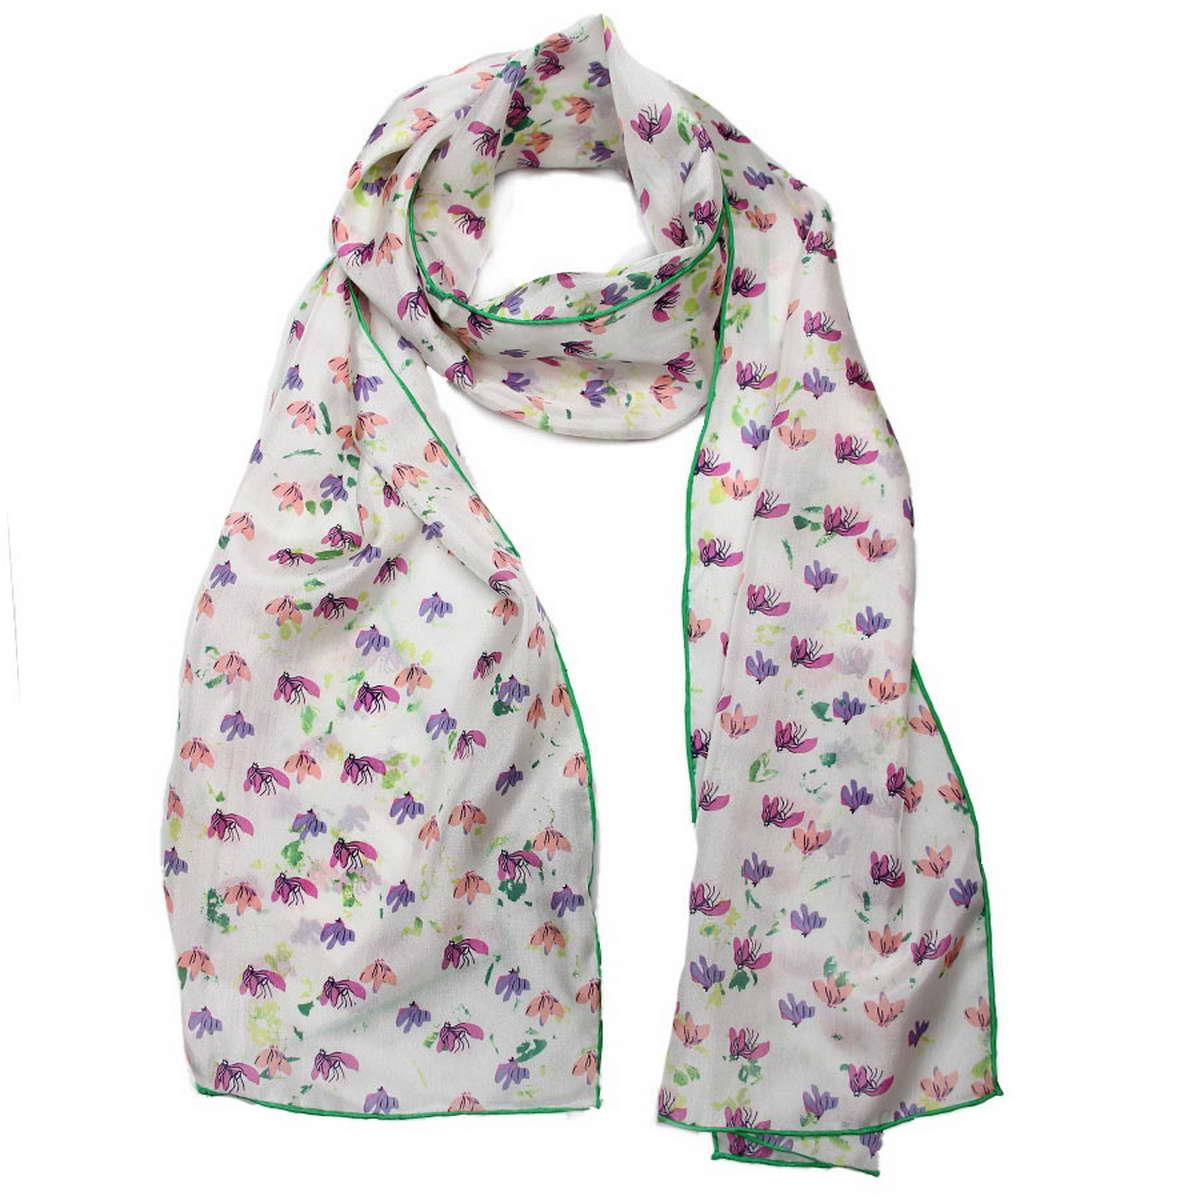 Шарф4900571-2Стильный шарф Codello согреет вас в прохладную погоду и станет достойным завершением вашего образа. Шарф изготовлен из натурального шелка и оформлен оригинальным принтом в мелкий цветочек. Такой шарф красиво драпируется, а так же превосходно дополнит любой ваш наряд и подчеркнет изысканный вкус.